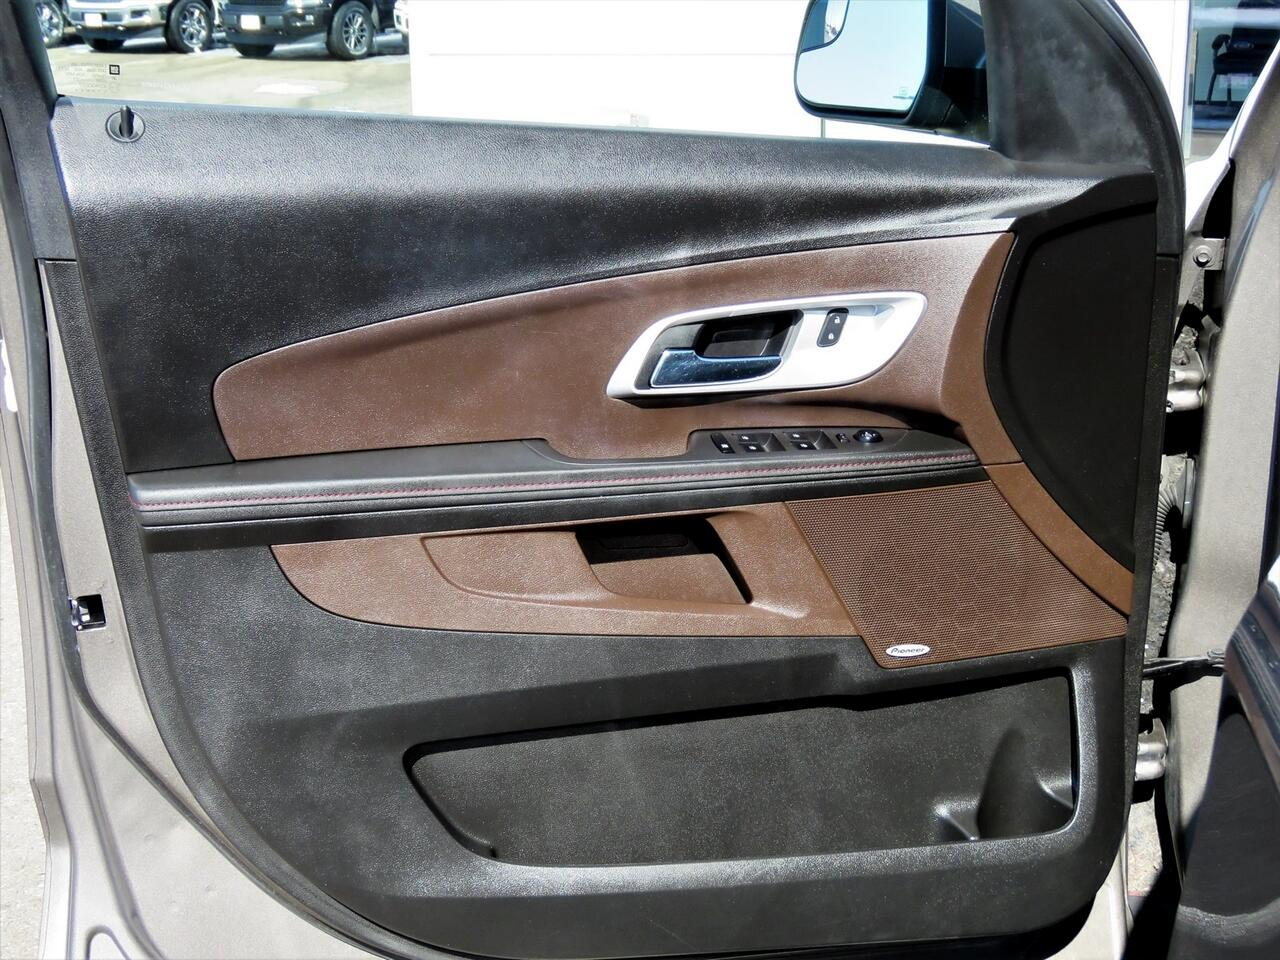 2012 Chevrolet Equinox 2LT